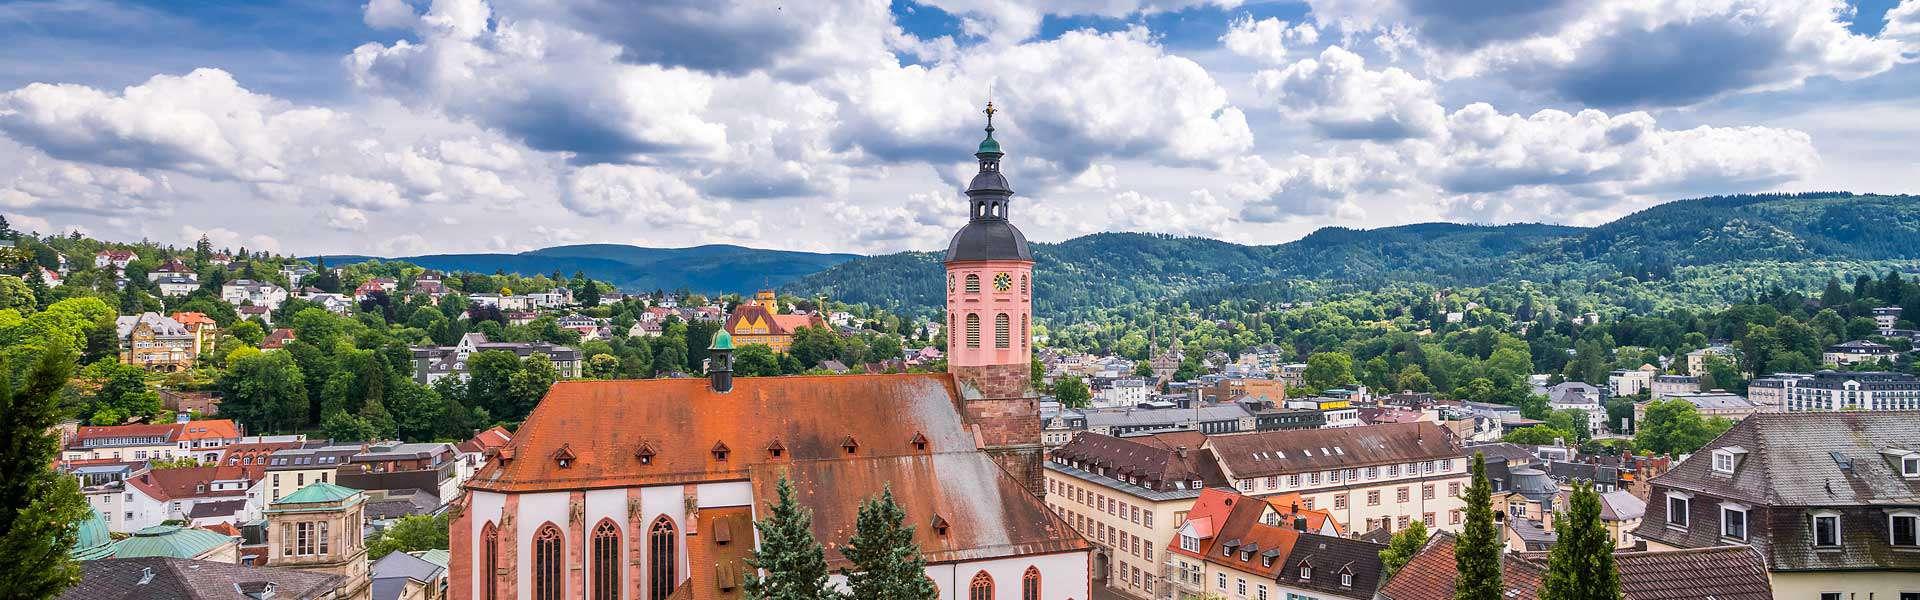 Baden-Baden bietet viel mehr als das berühmte Casino